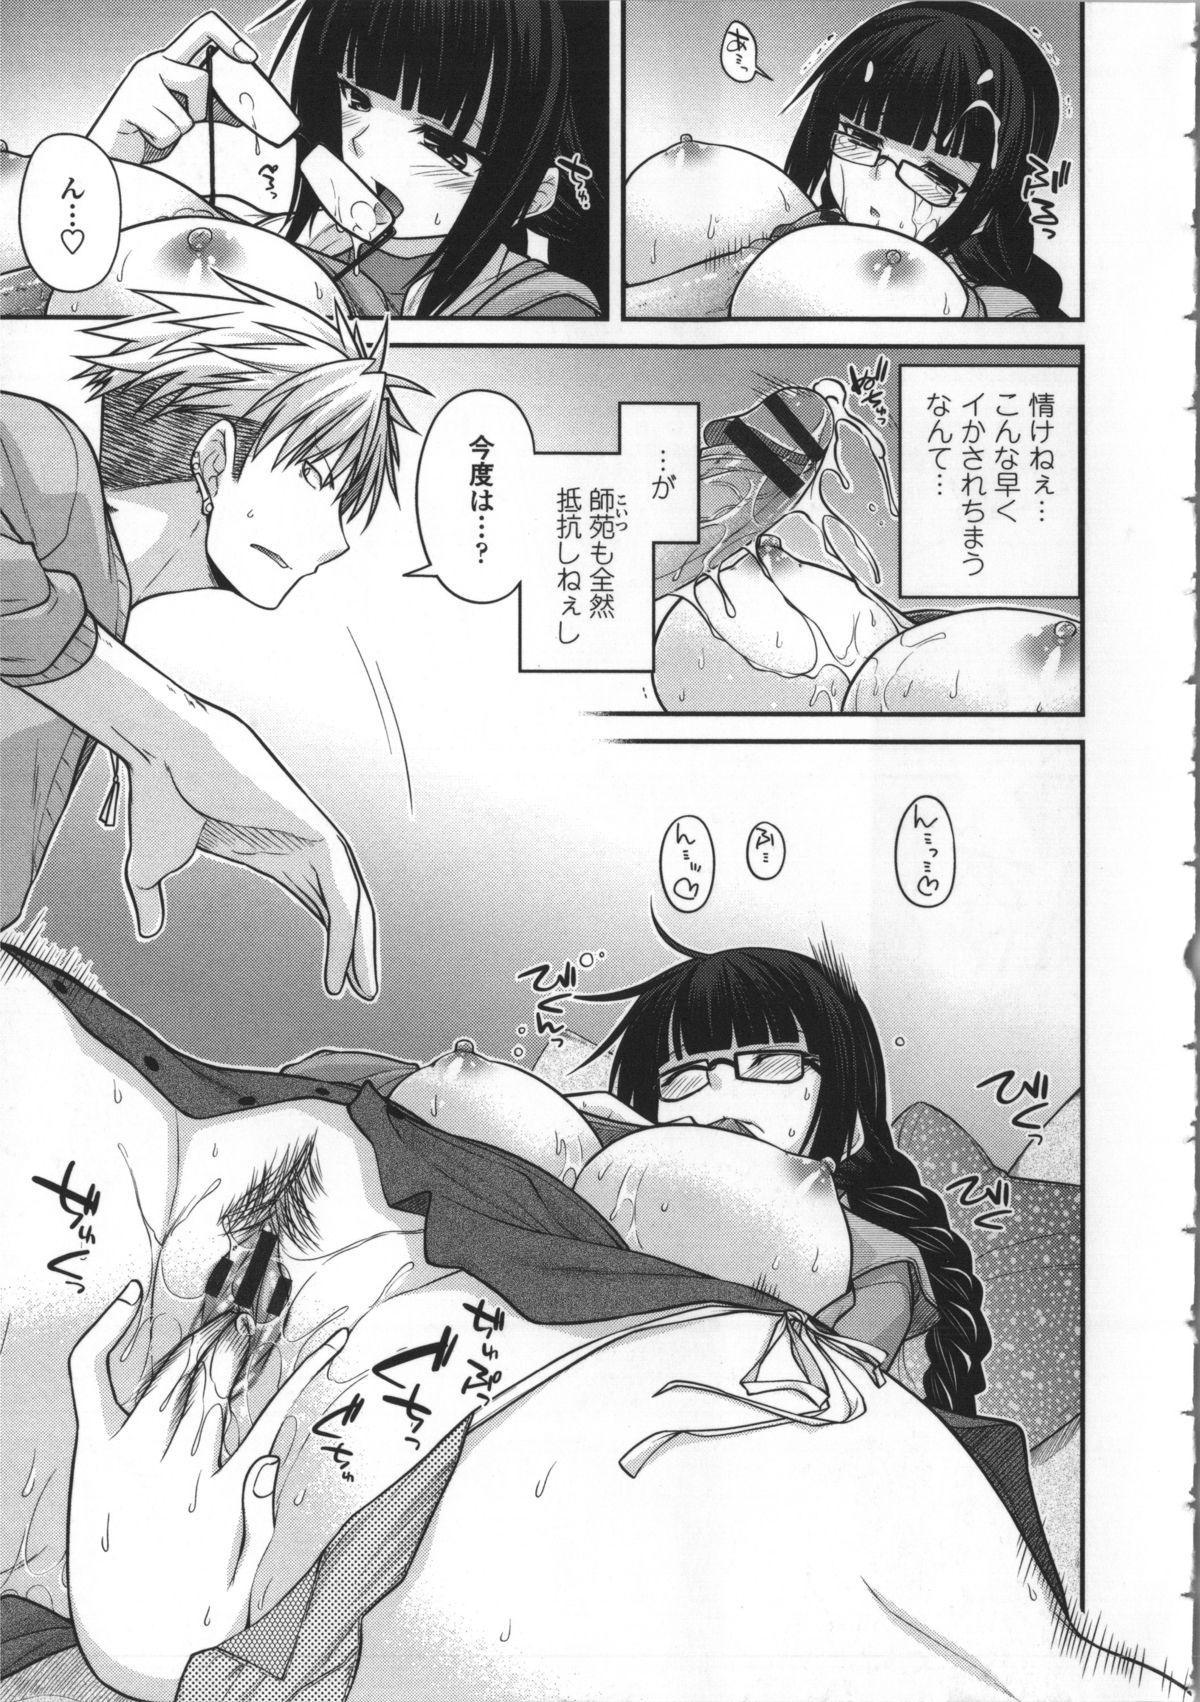 Yamato Nadeshiko Breast Changes 76